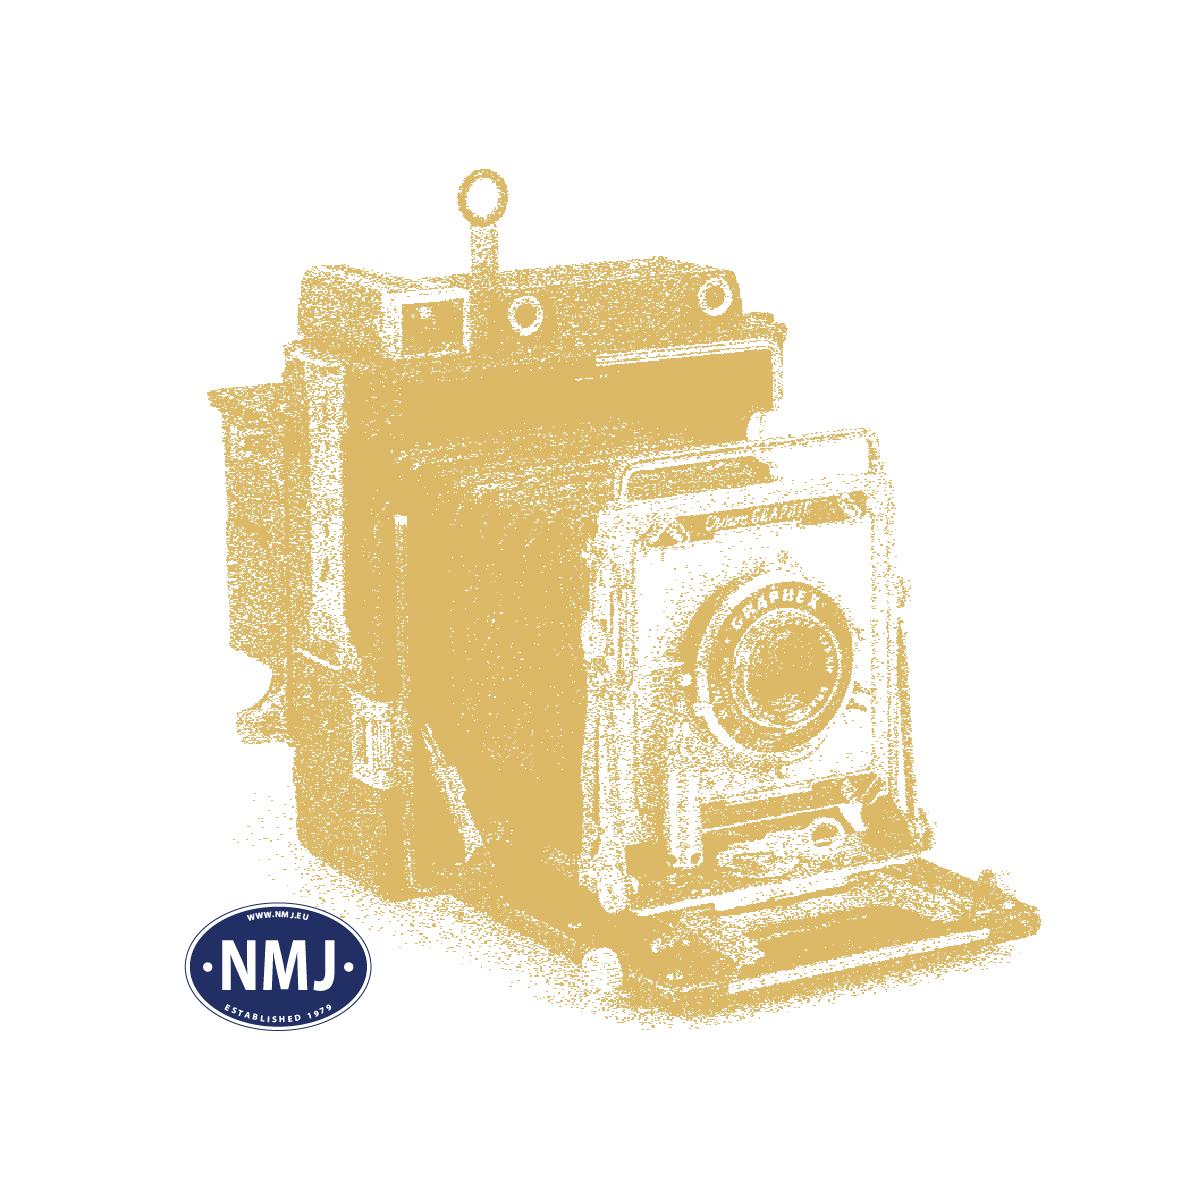 NMJT90008 - NMJ Topline NSB Di3a 605 m/ Stor Snøplog, Nydesign, DCC m/ Lyd